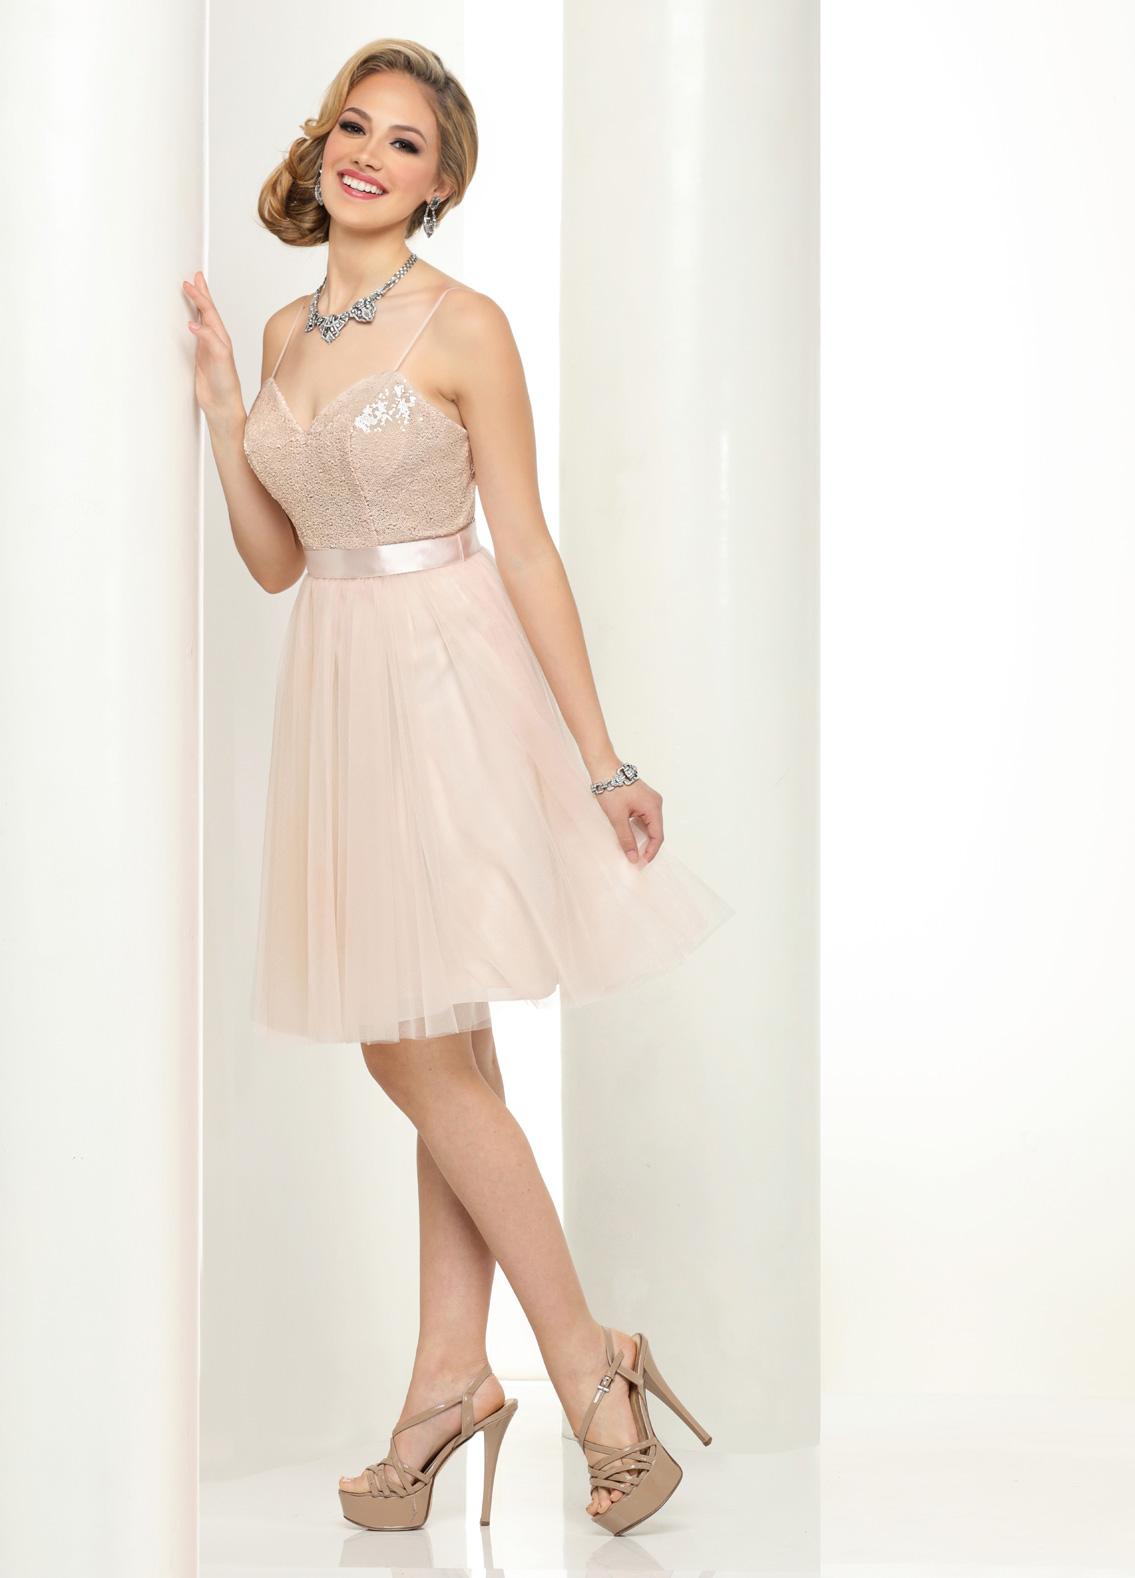 Style #S1005